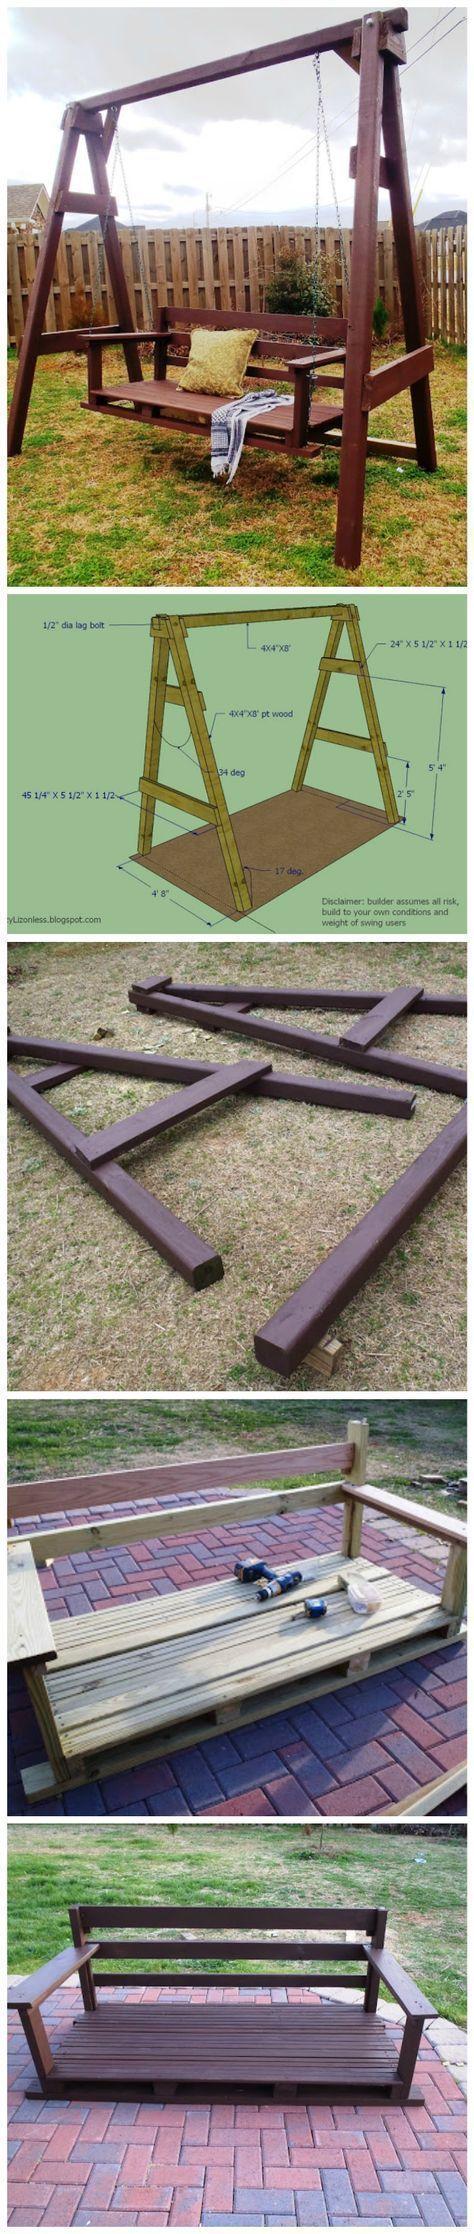 Wie man ein Hinterhof-Schaukel-Set baut #einrichtungsideen #einrichtungstipps